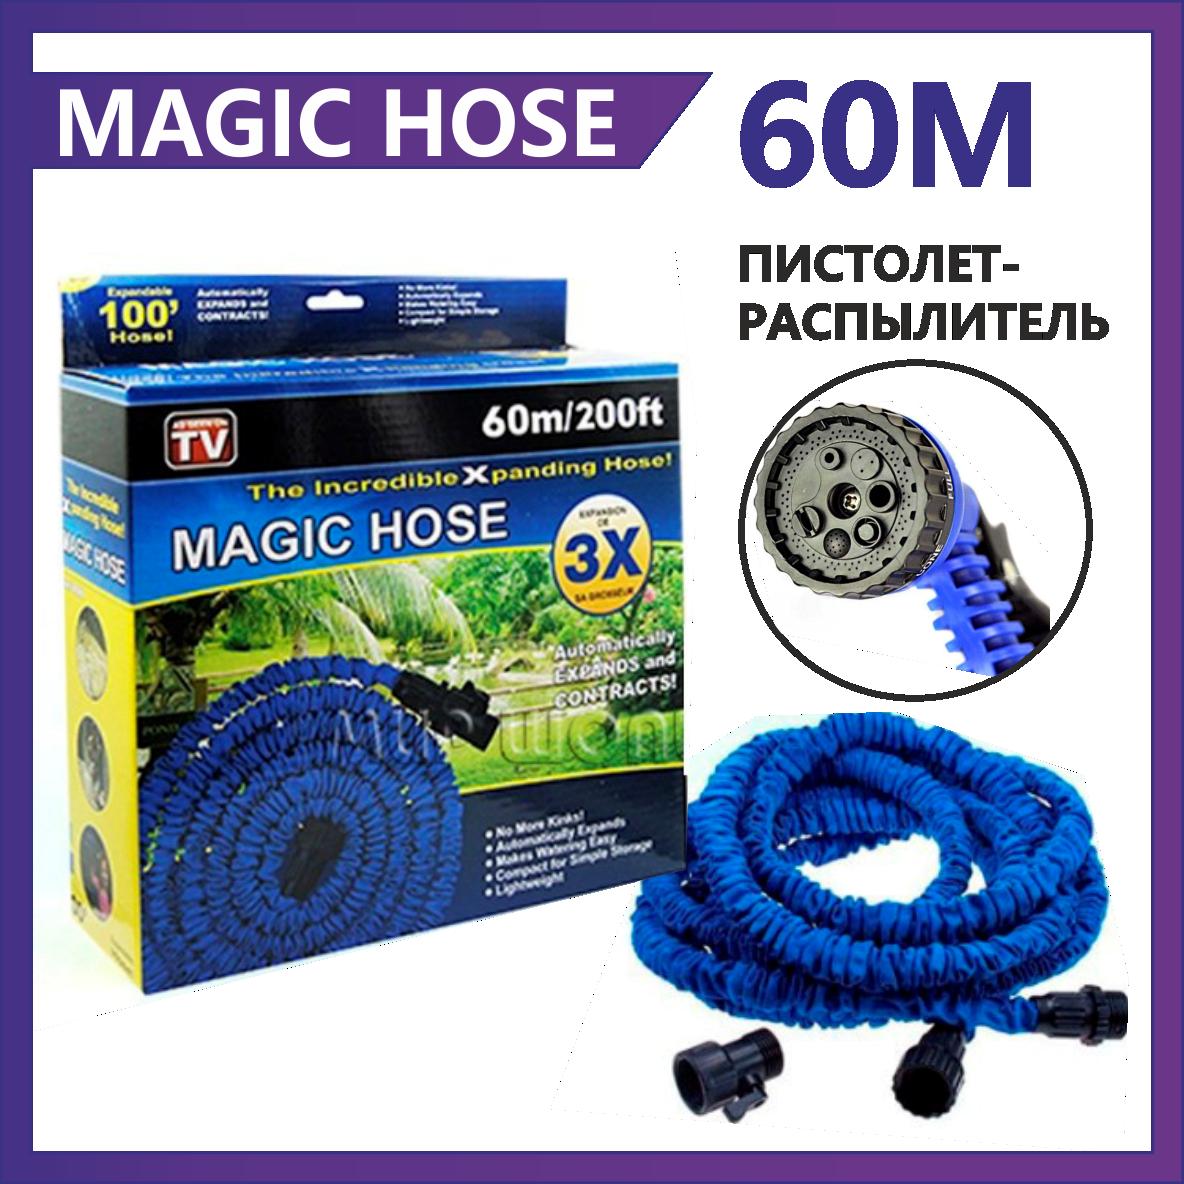 Шланг Magic-hose 60 метров, садовый шланг, растягивающийся шланг для полива с распылителем